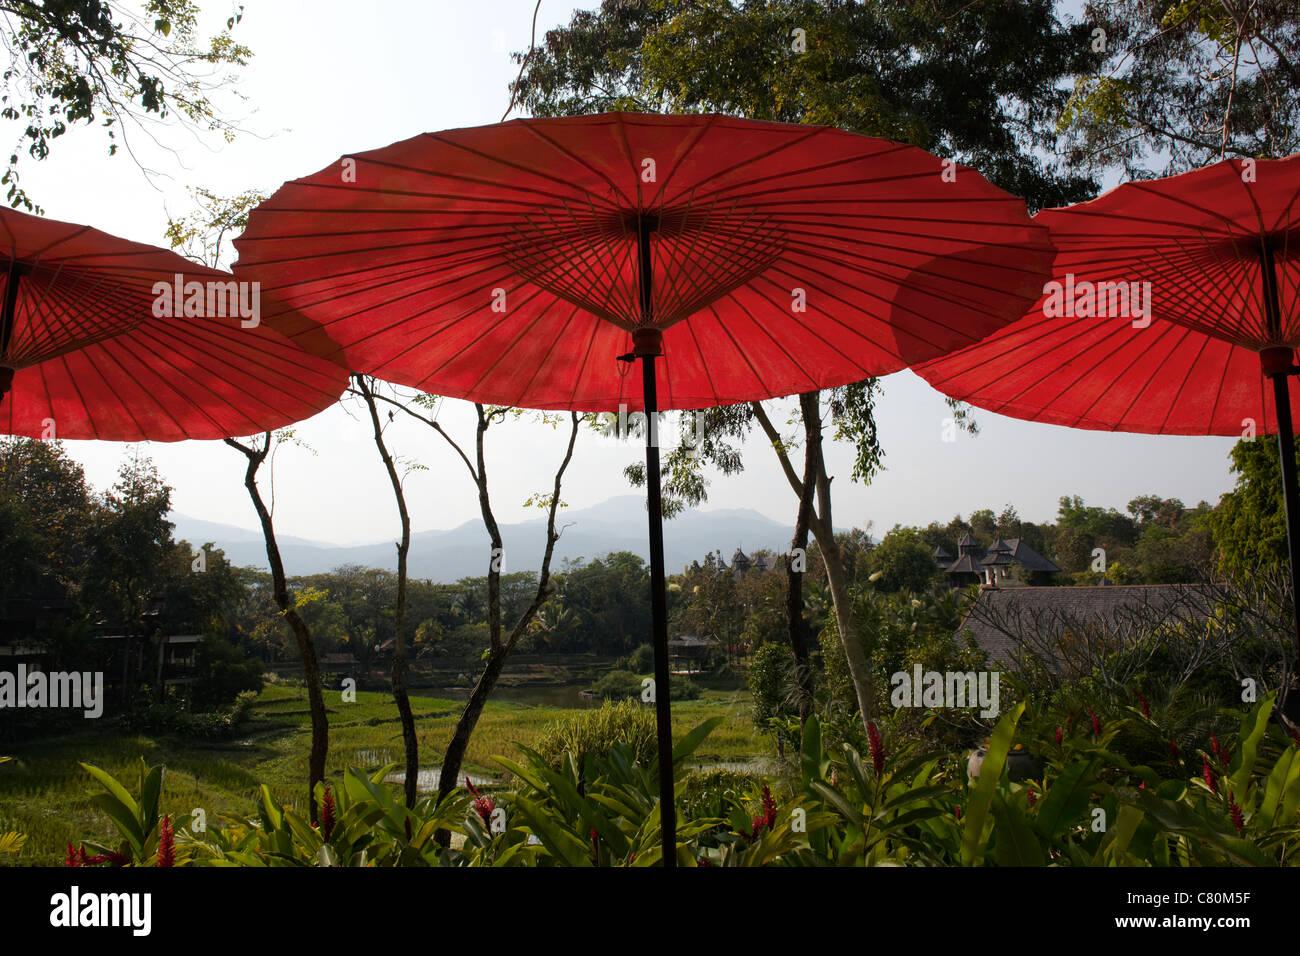 Thailand, Chiang Mai, Parasol - Stock Image